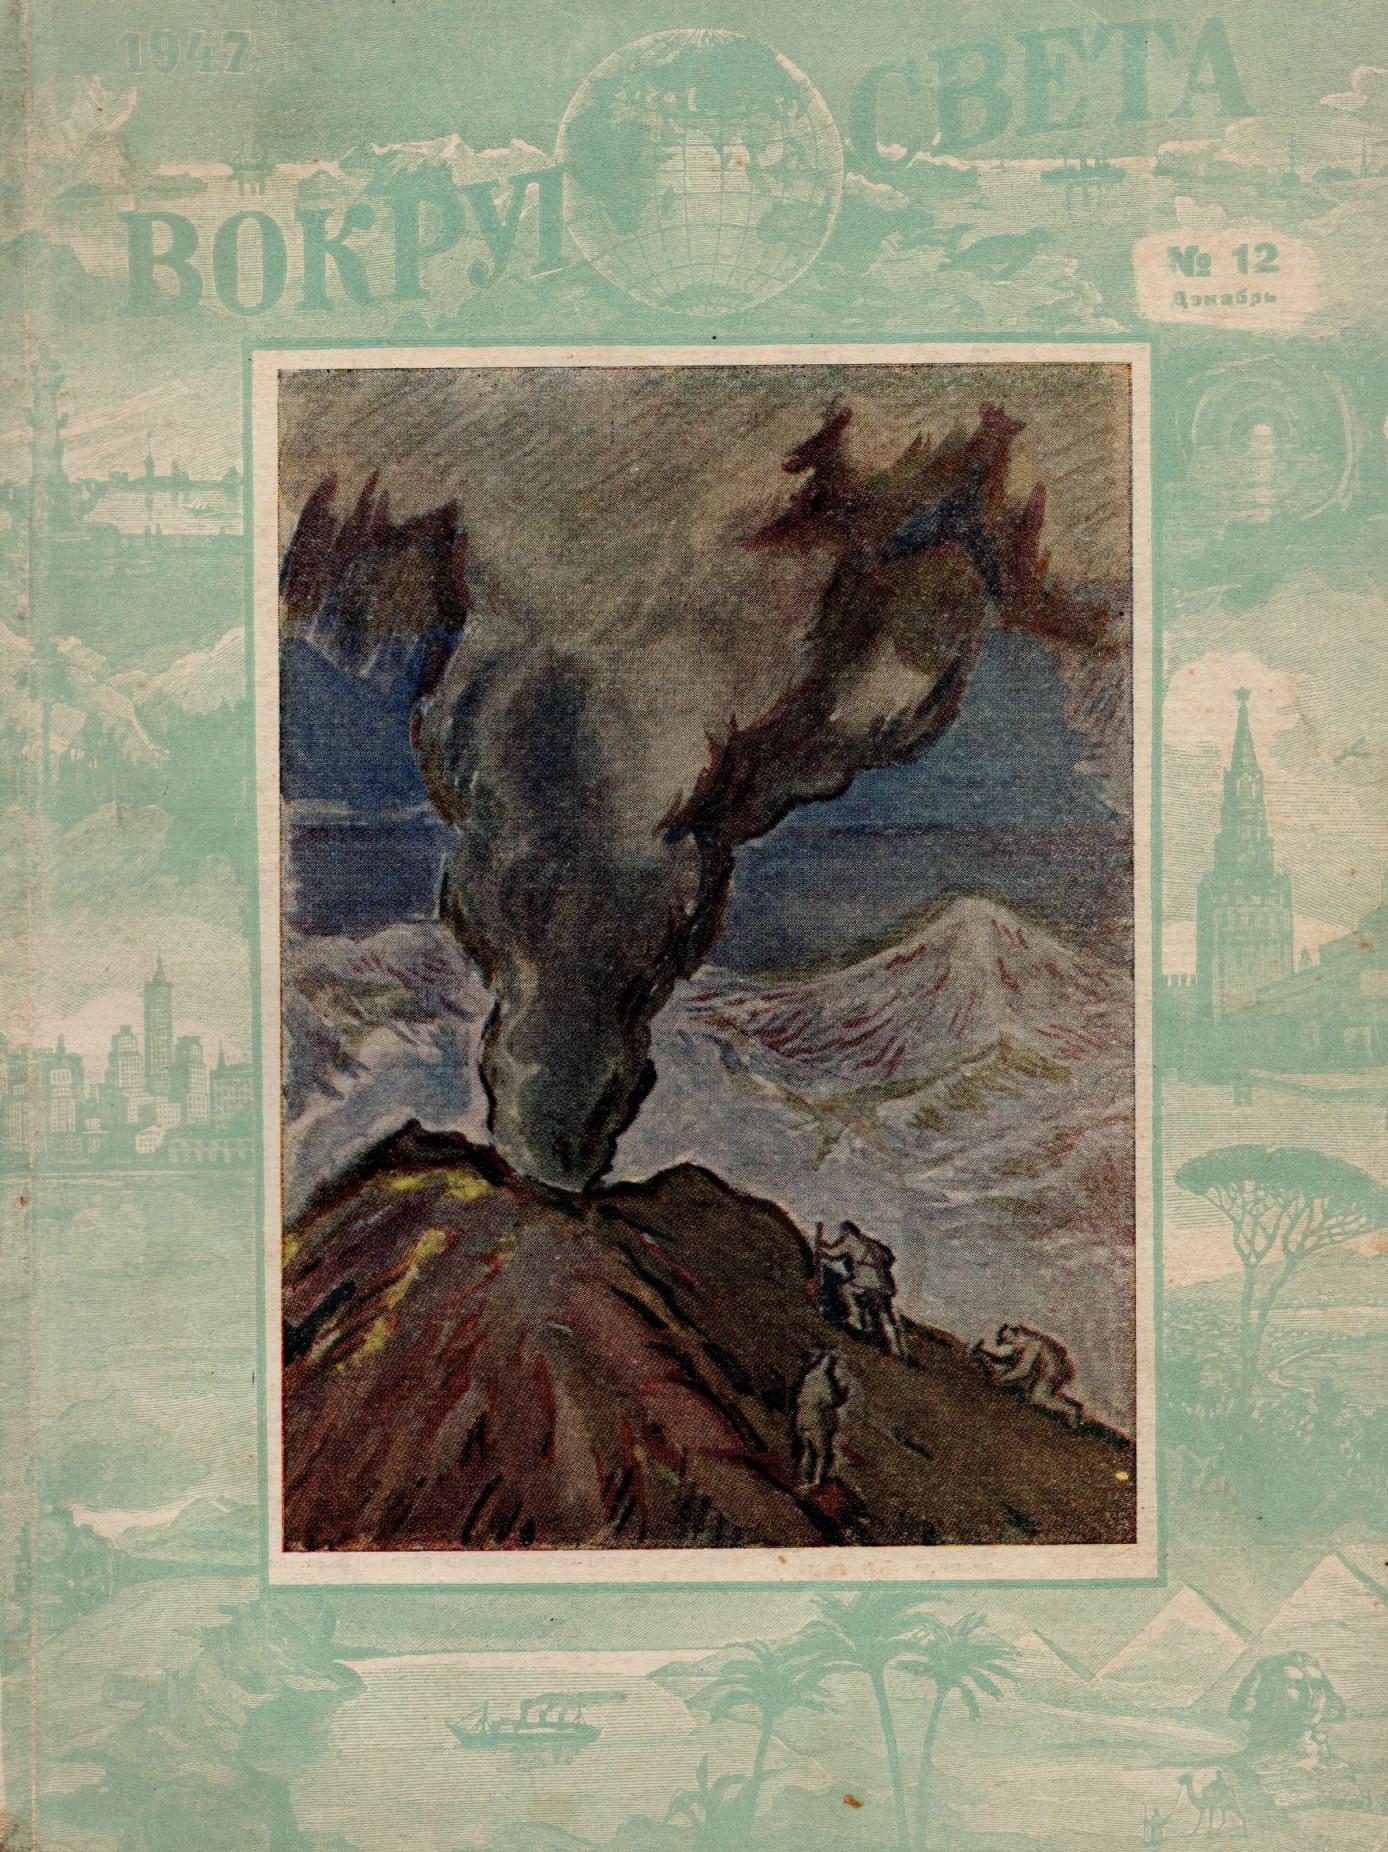 """Журнал """"Вокруг света"""". 1947. № 12 (грудень)"""